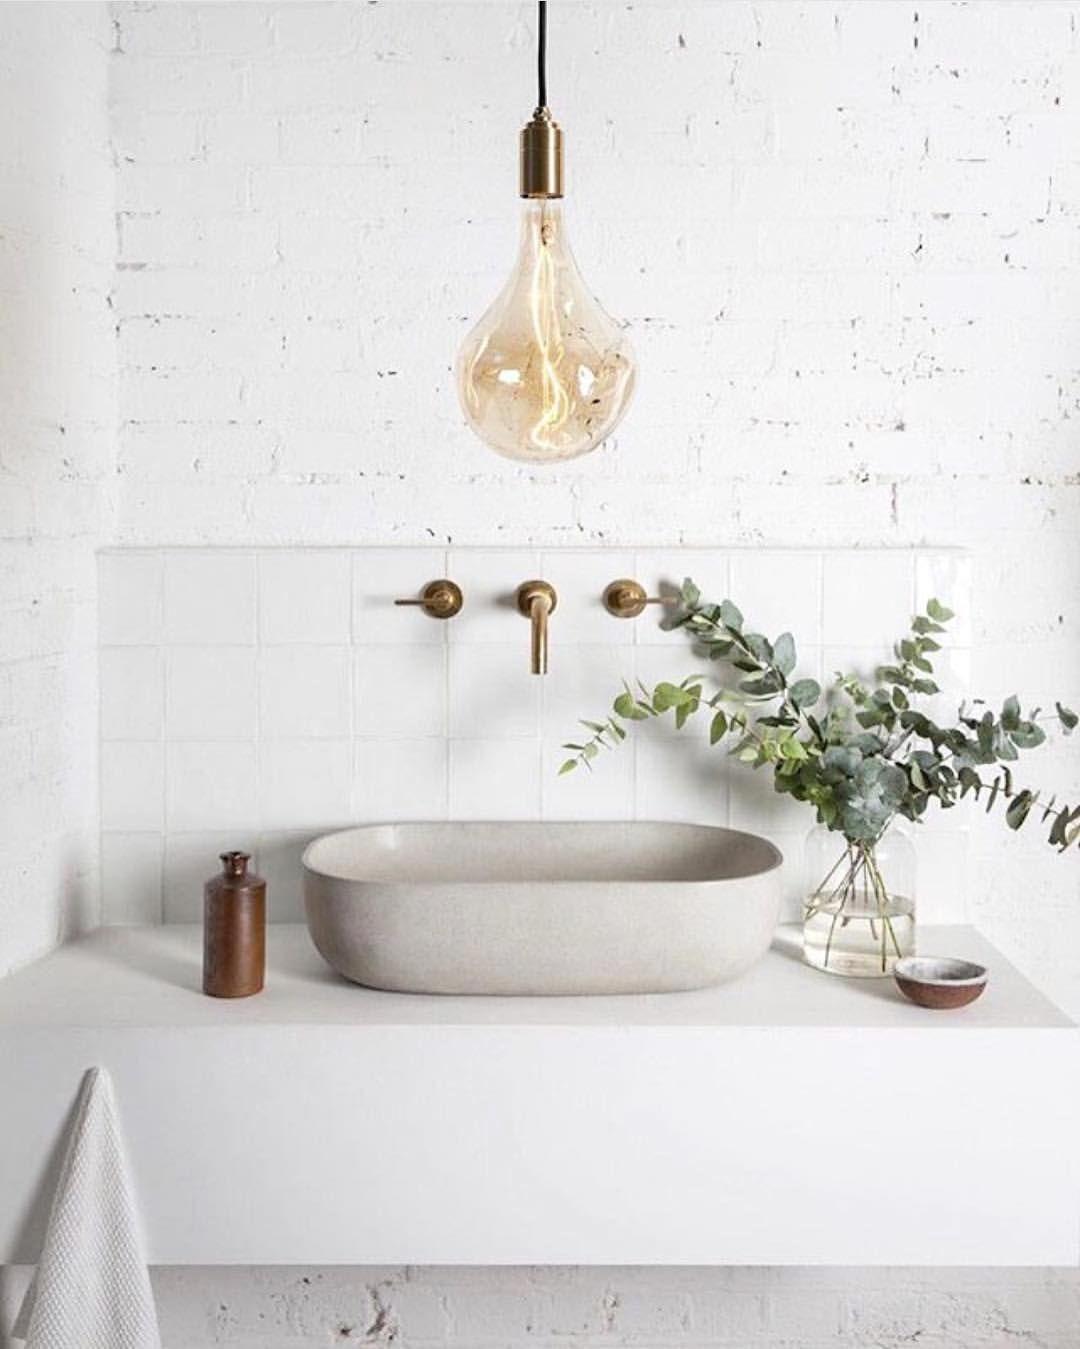 Pin Von Nanaan Auf Bathroom Modernes Badezimmerdesign Gemutliches Badezimmer Und Kleines Bad Ideen